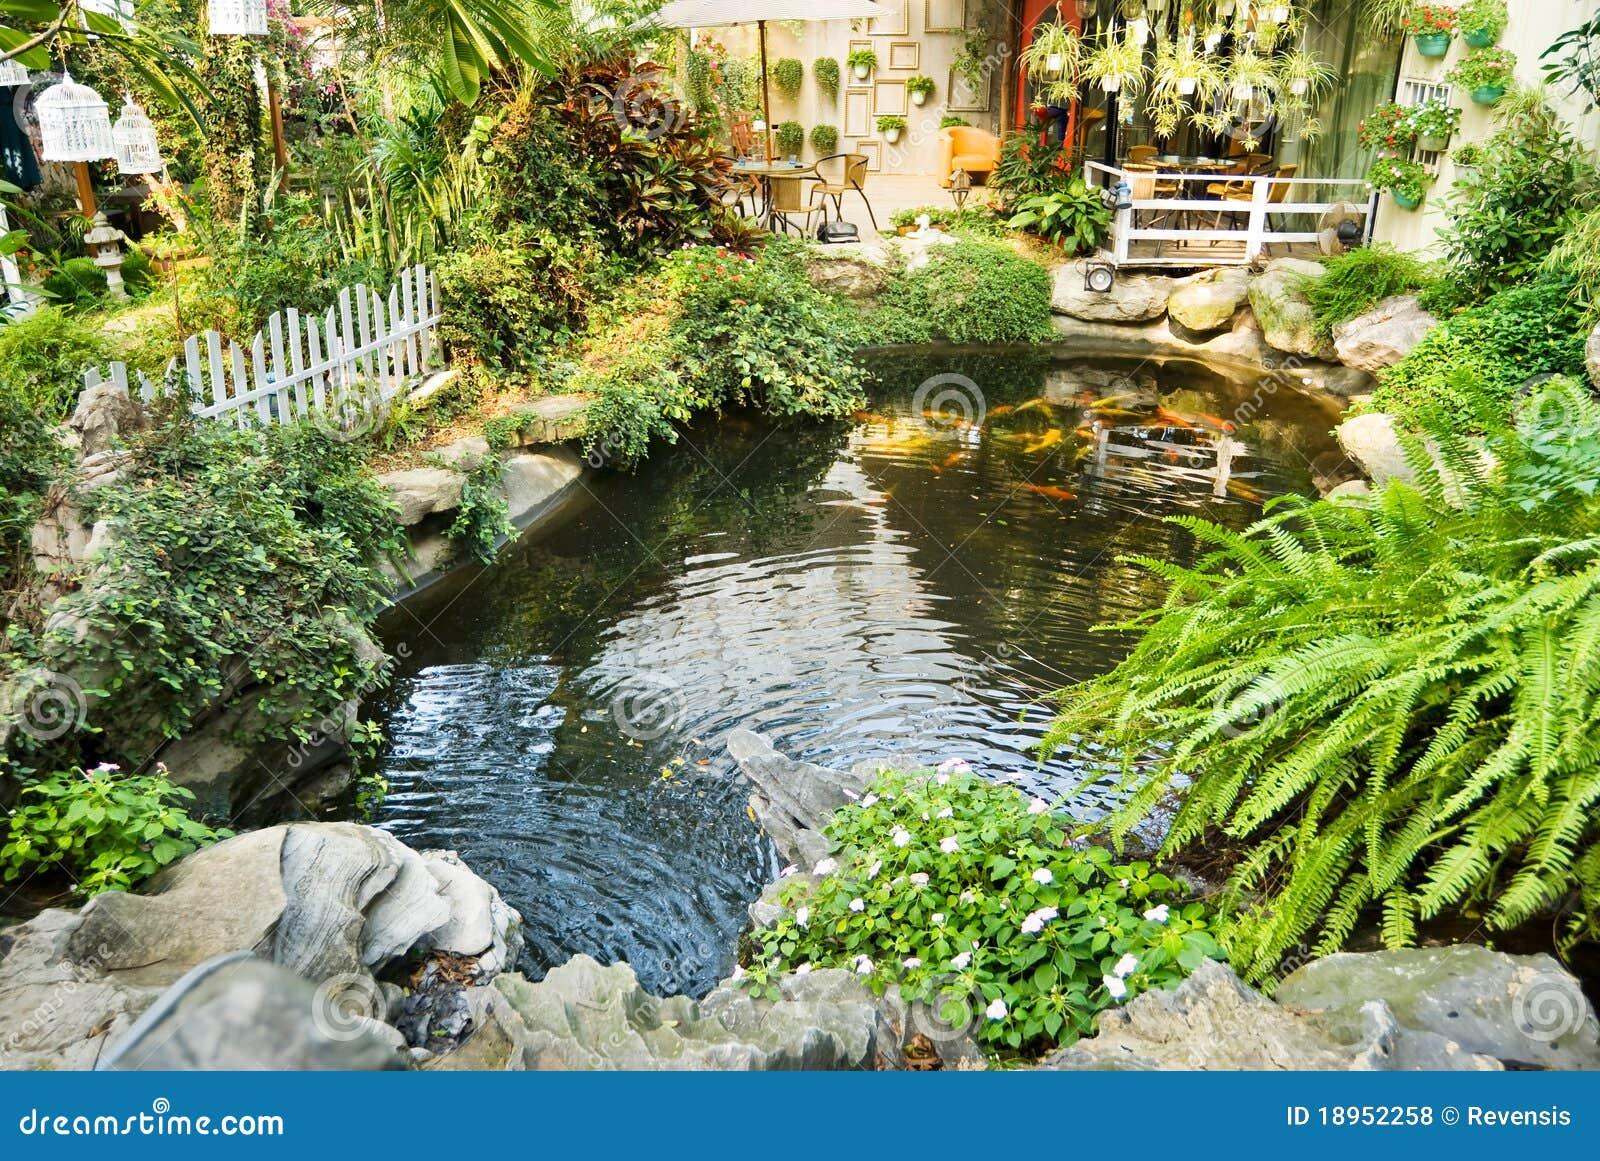 Schöner Garten Mit Japanischen Karpfen Im Pool Stockfoto Bild Von